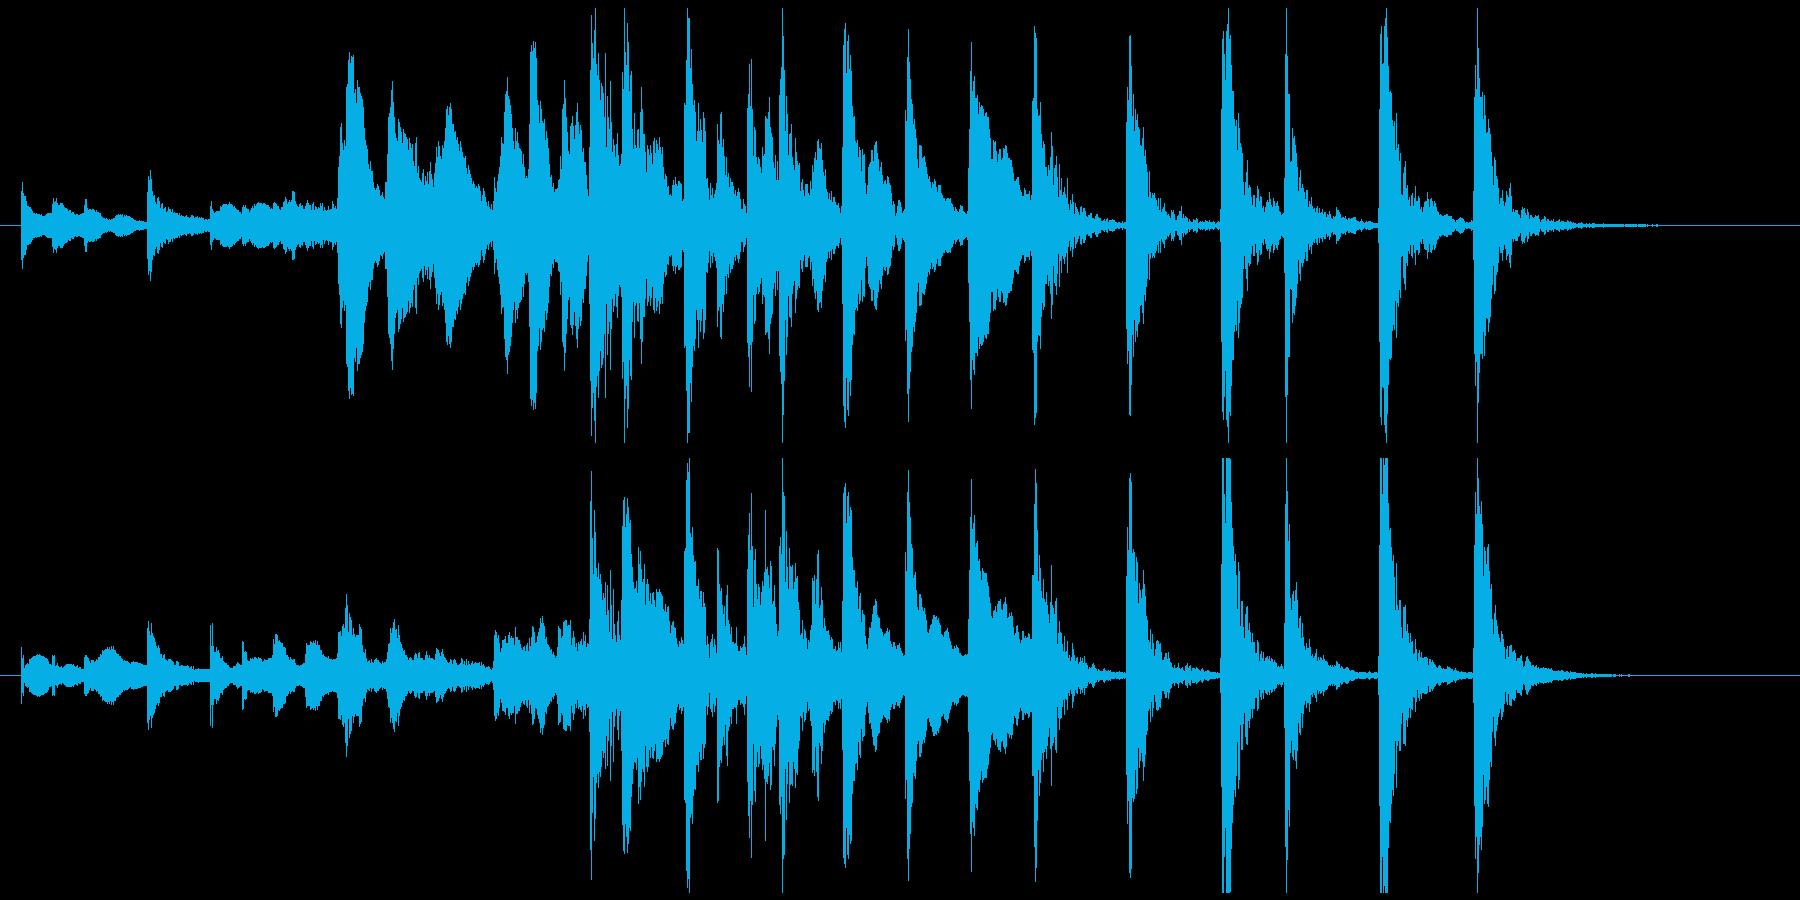 ミステリーがはじまりそうなジングルの再生済みの波形